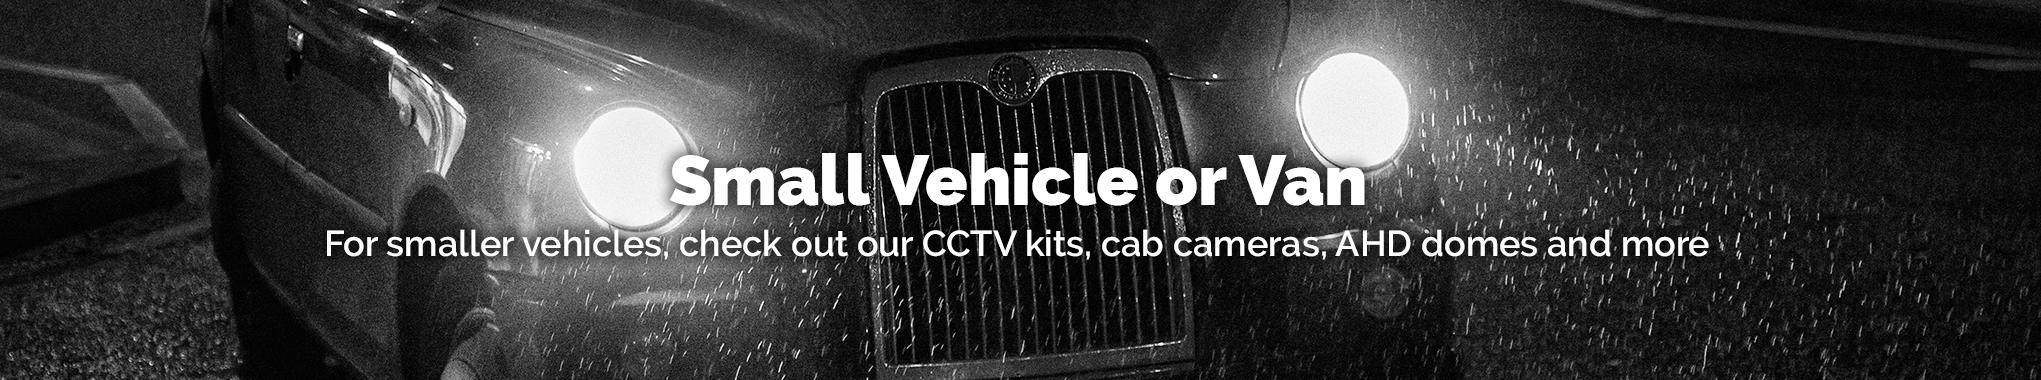 Small Vehicle or Van